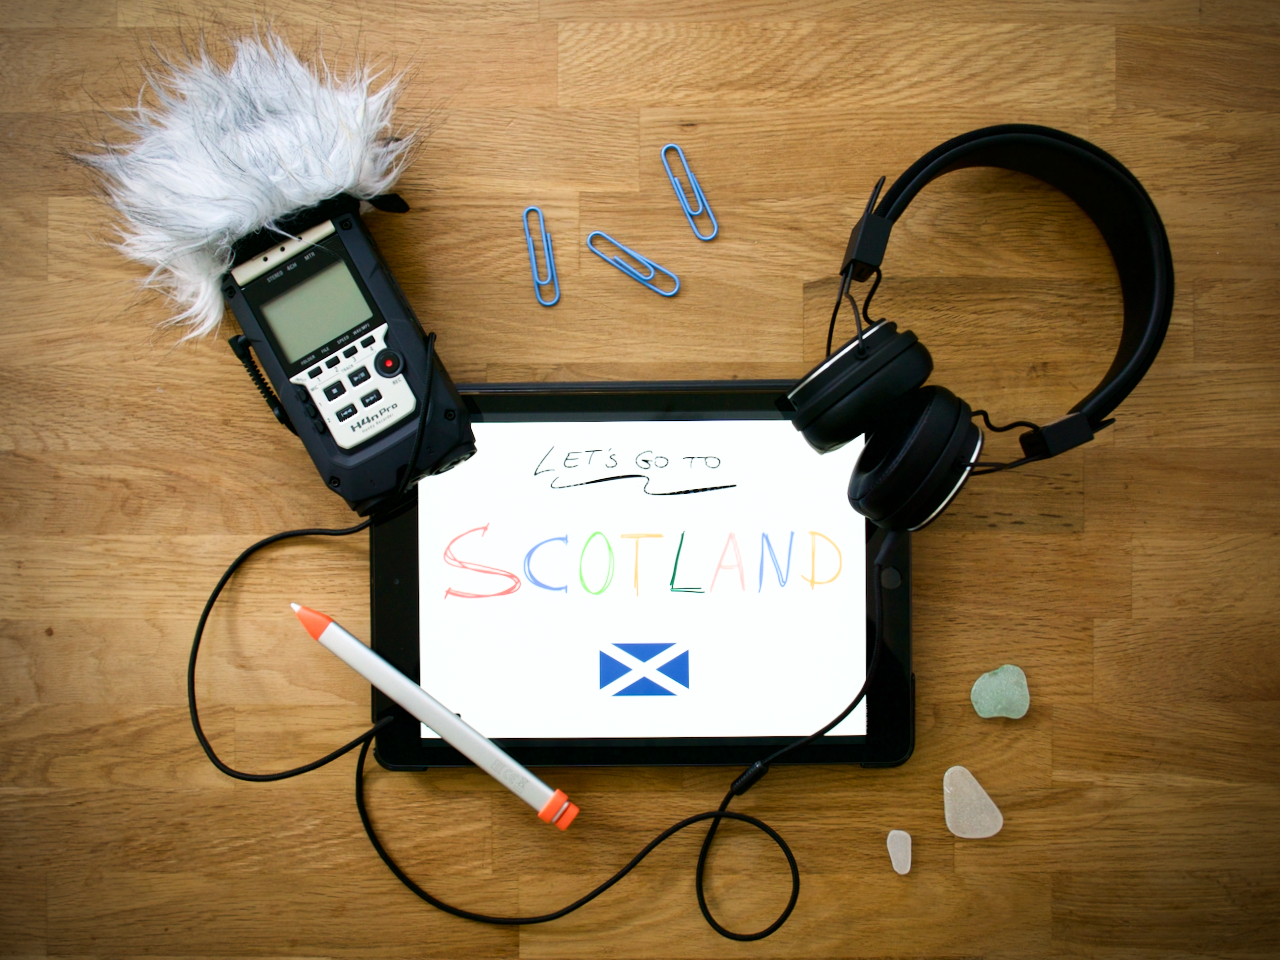 Scotland Podcast